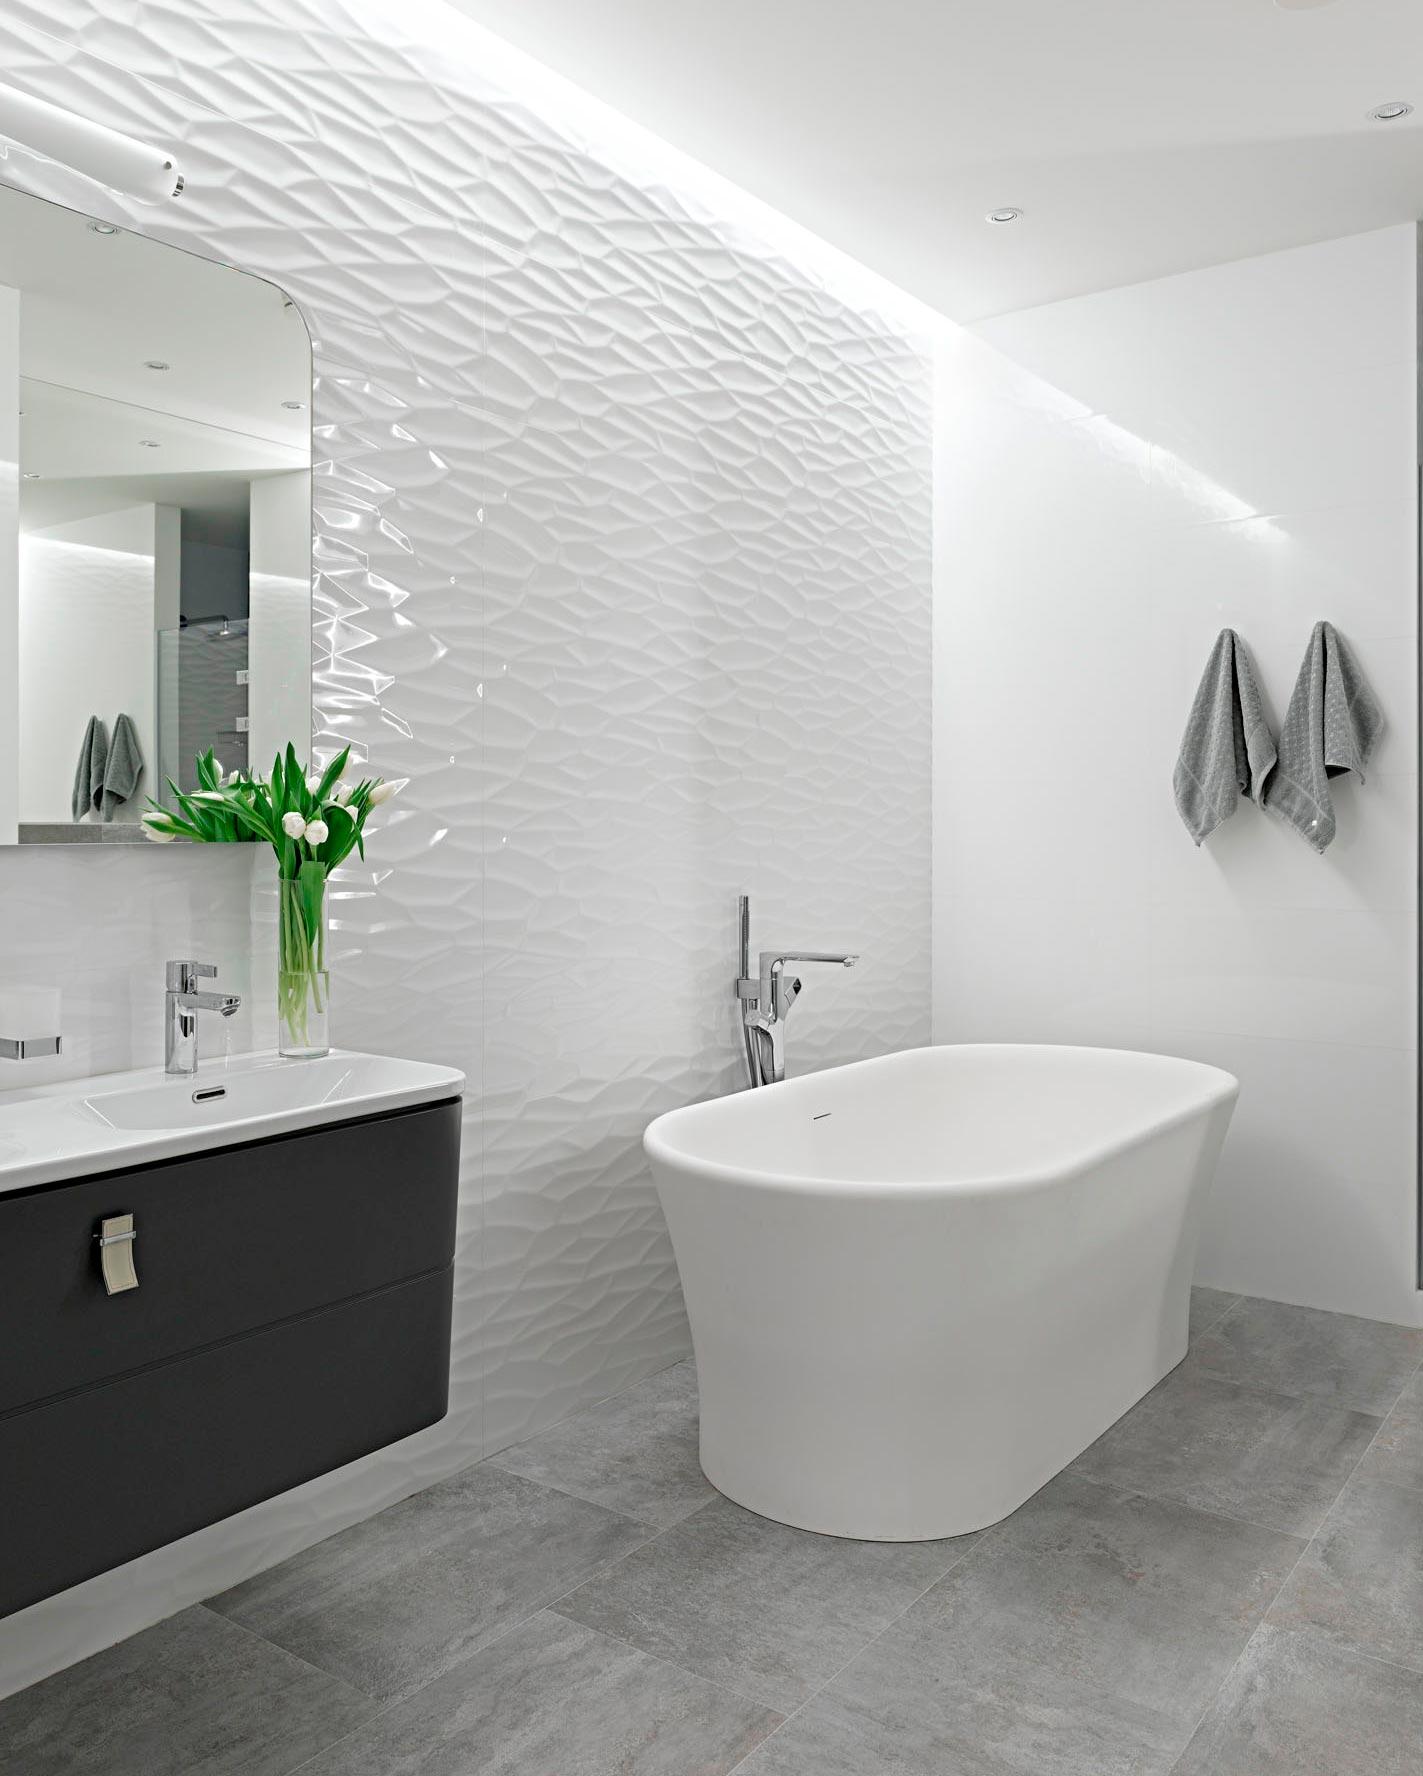 Много плиток белого цвета в ванной это плохо 3